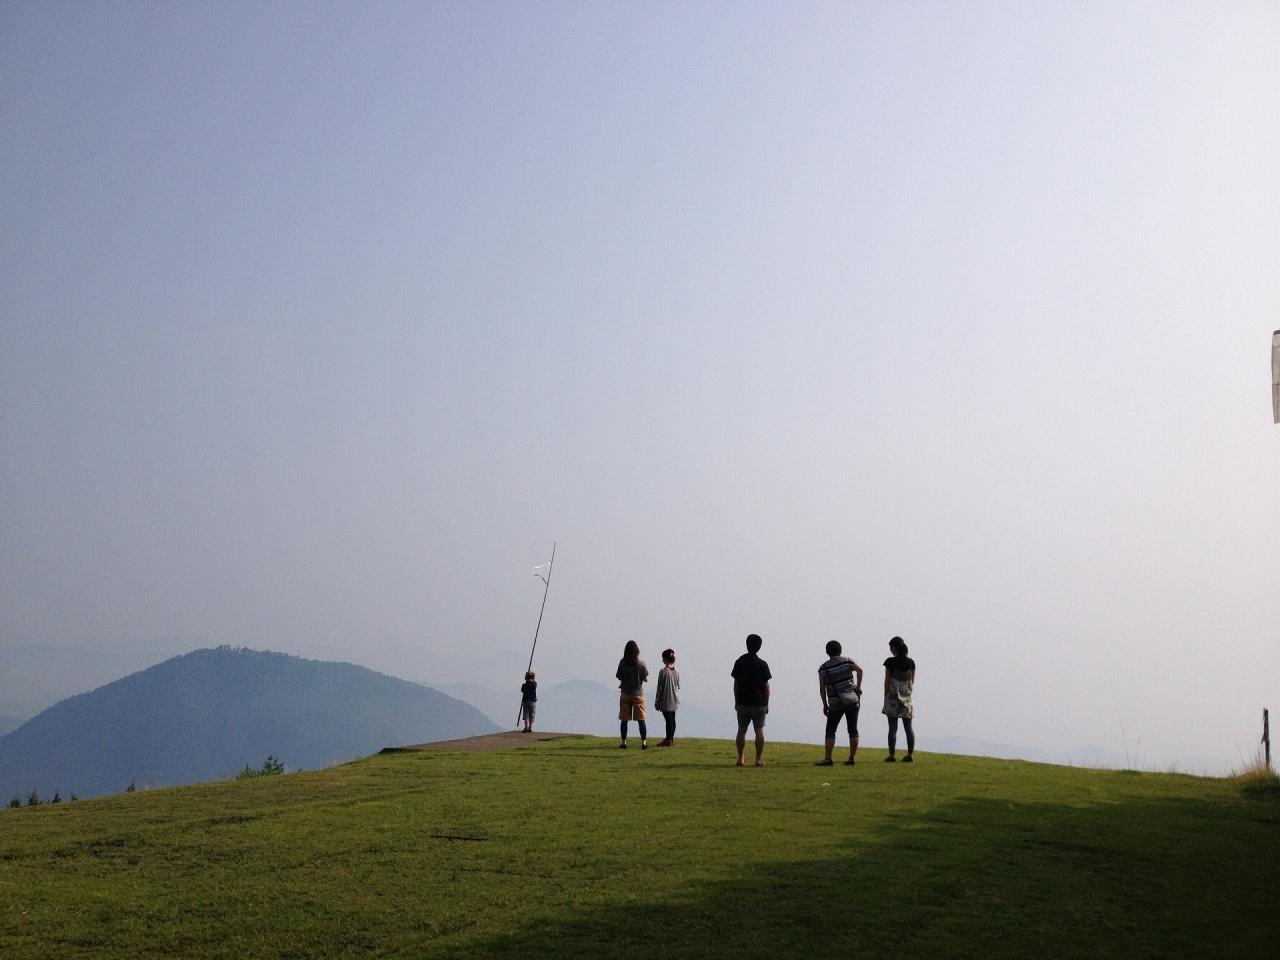 岩屋山の風景 風景を見てたたずむ人々